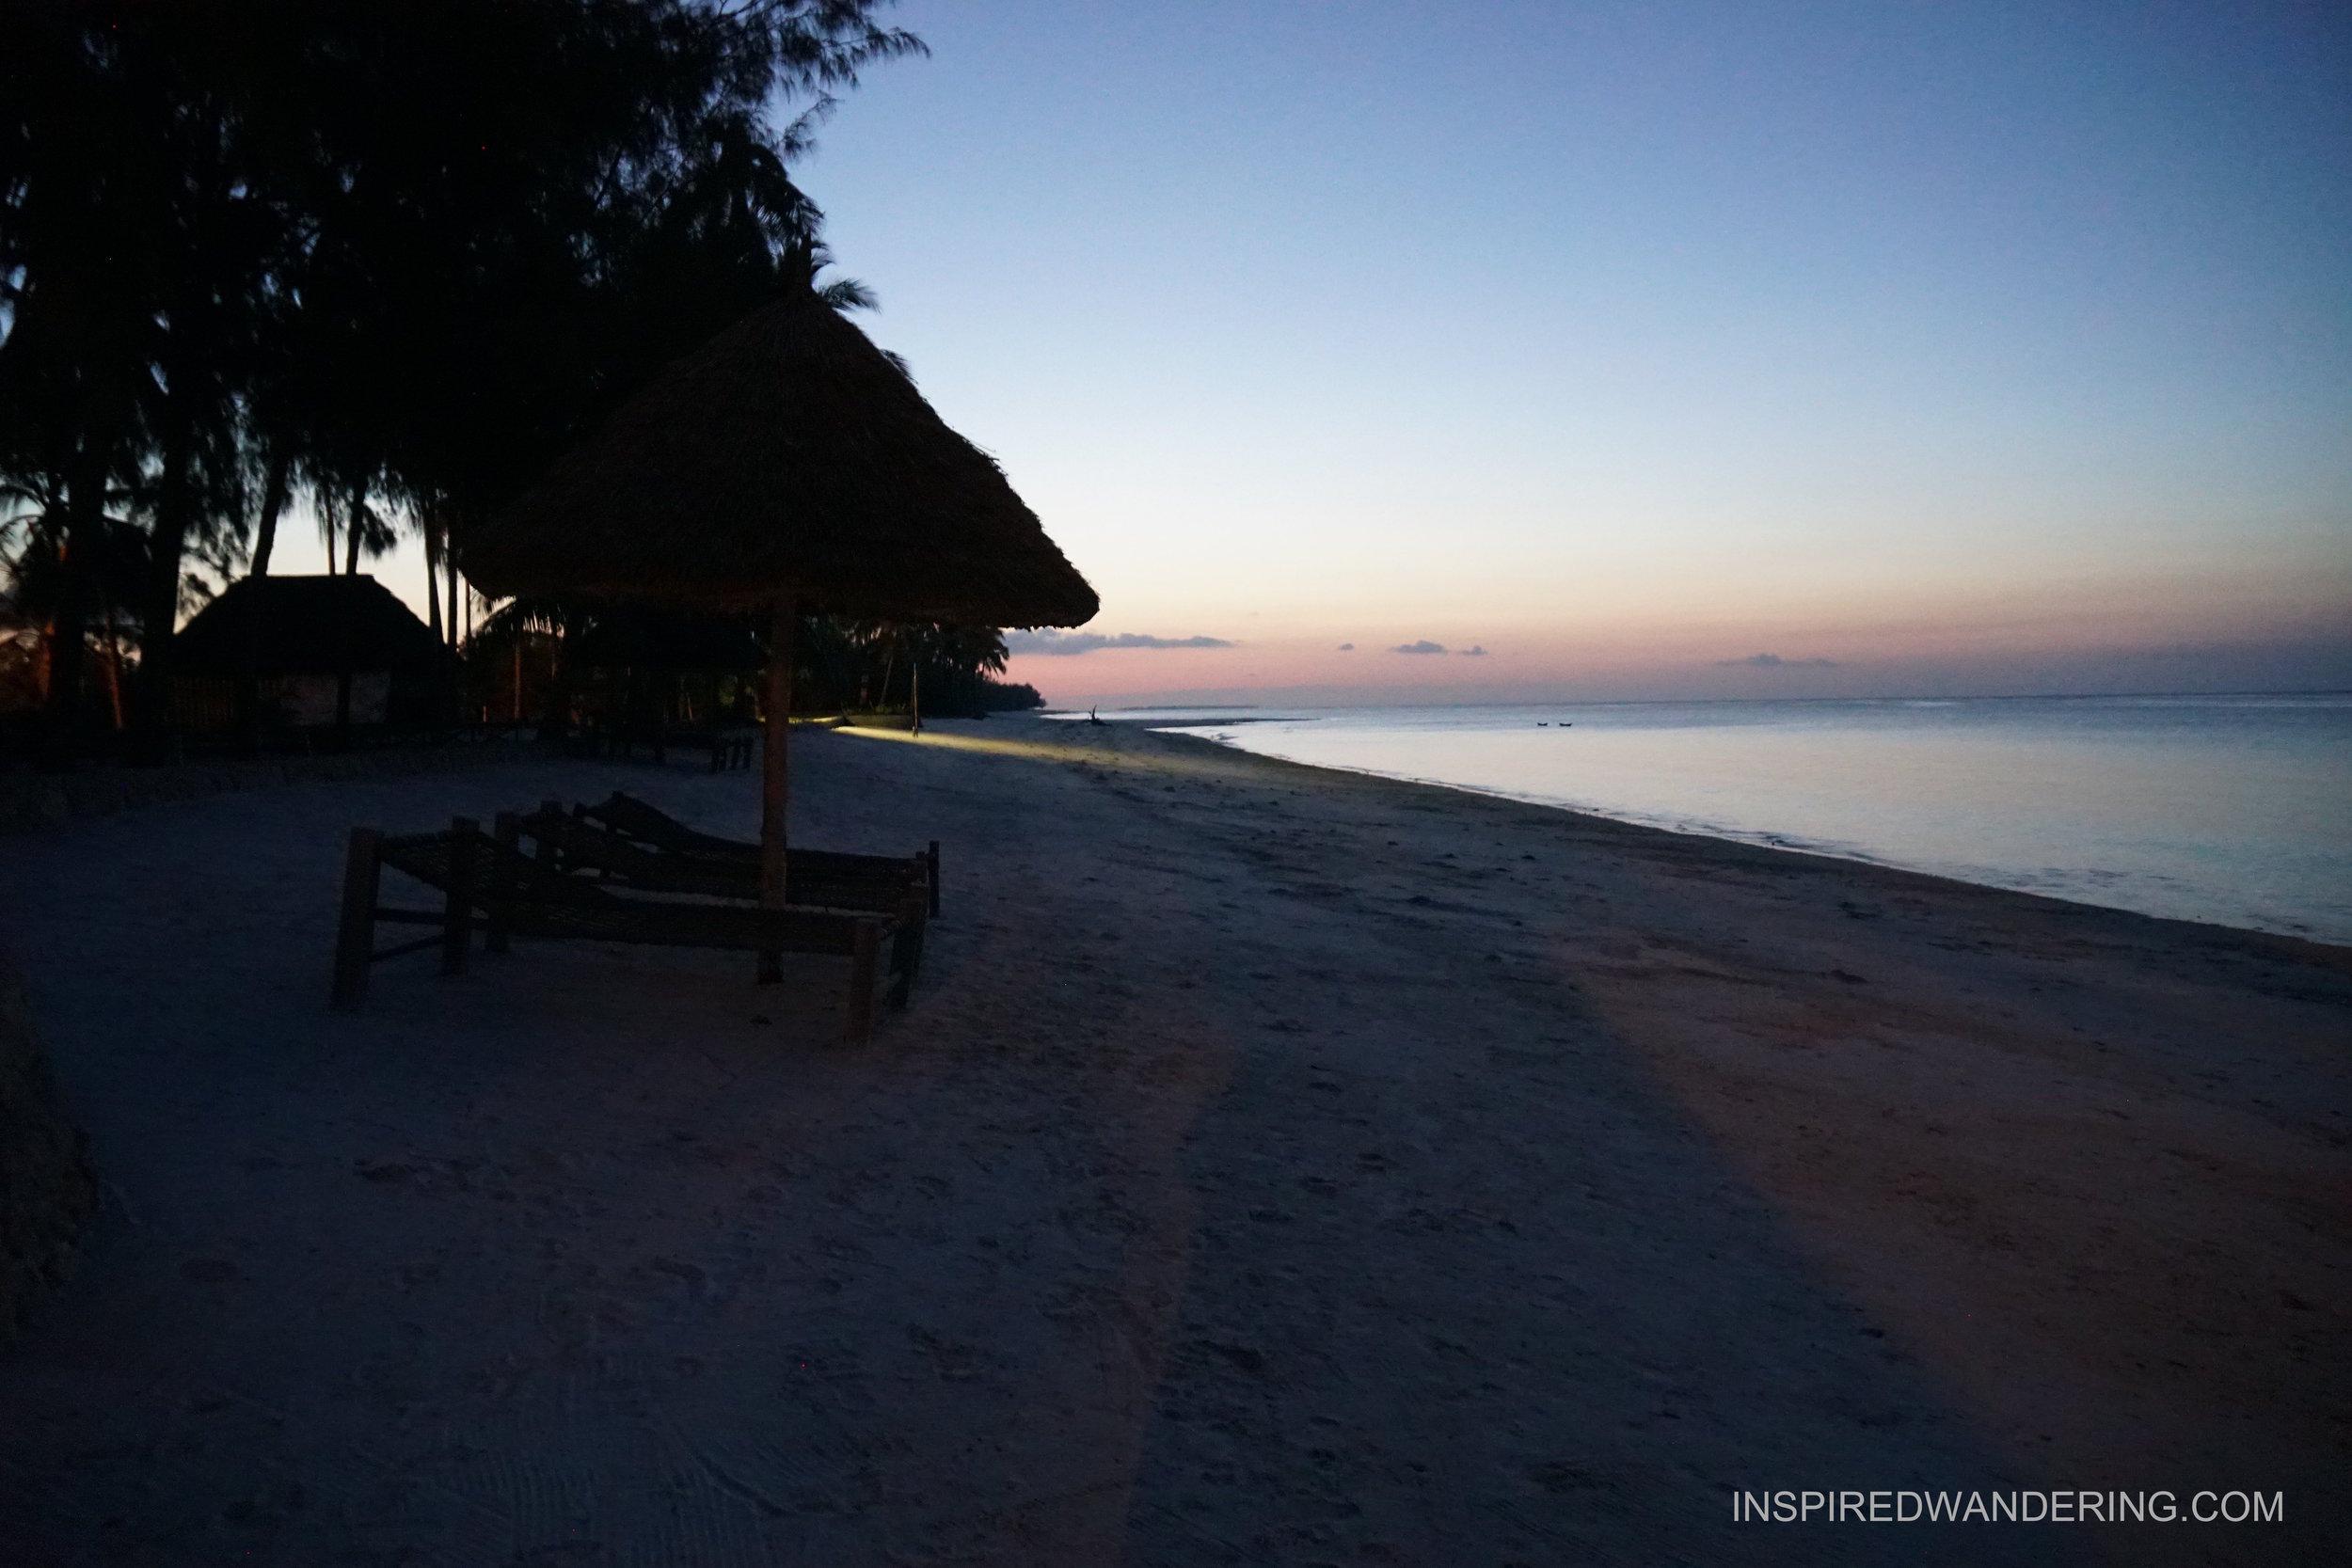 Sunset on Butiama Beach